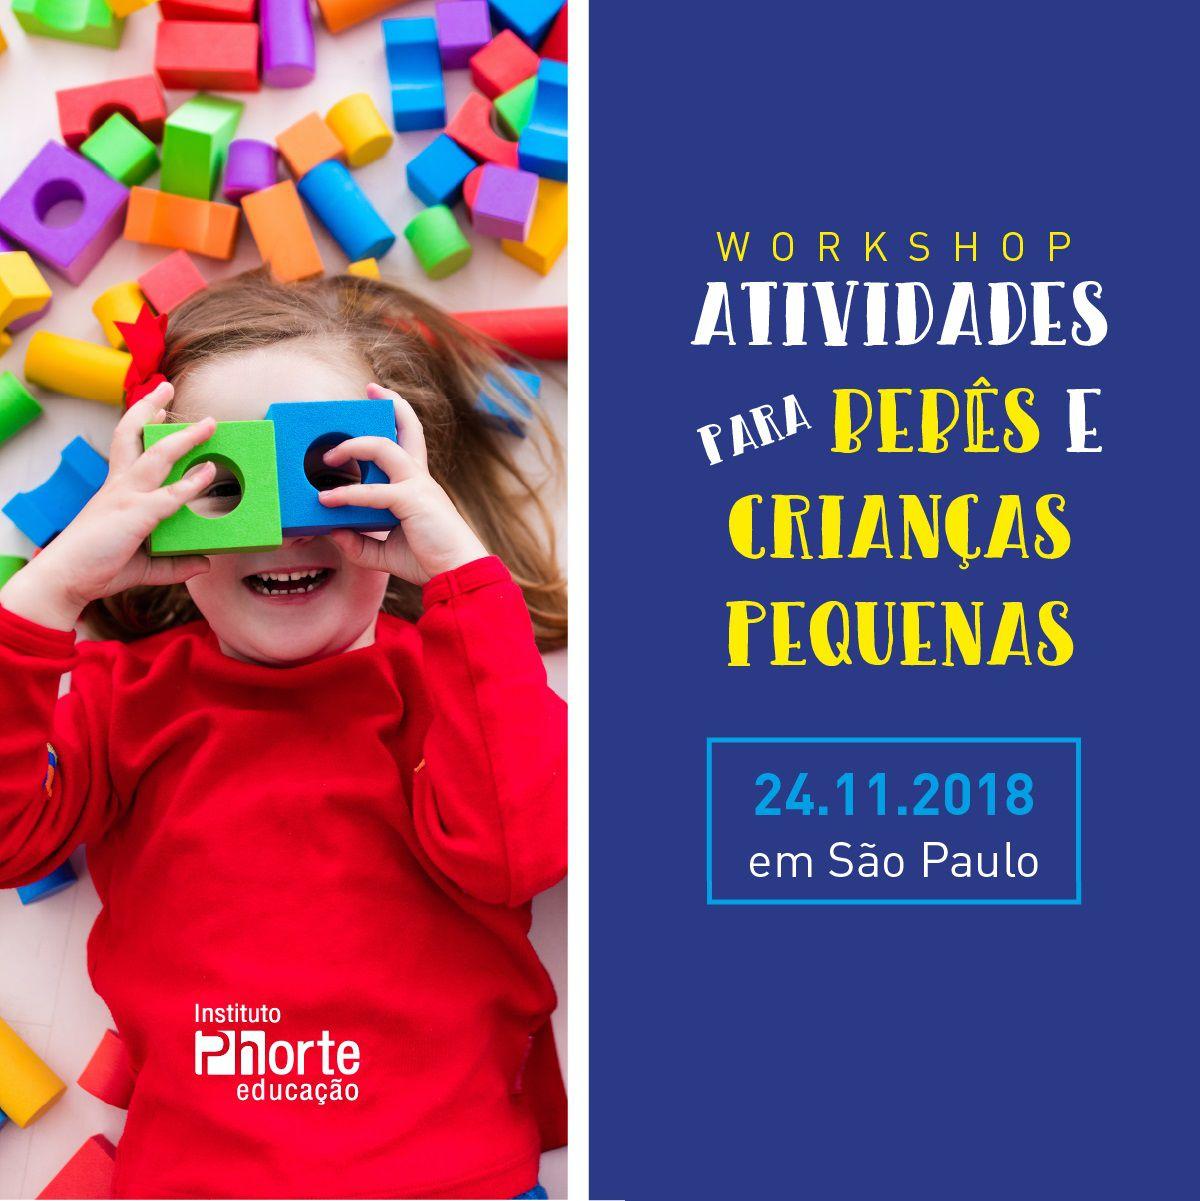 Workshop - Atividades para bebês e crianças pequenas  - Cursos distância e aulas online Instituto Phorte Educação.